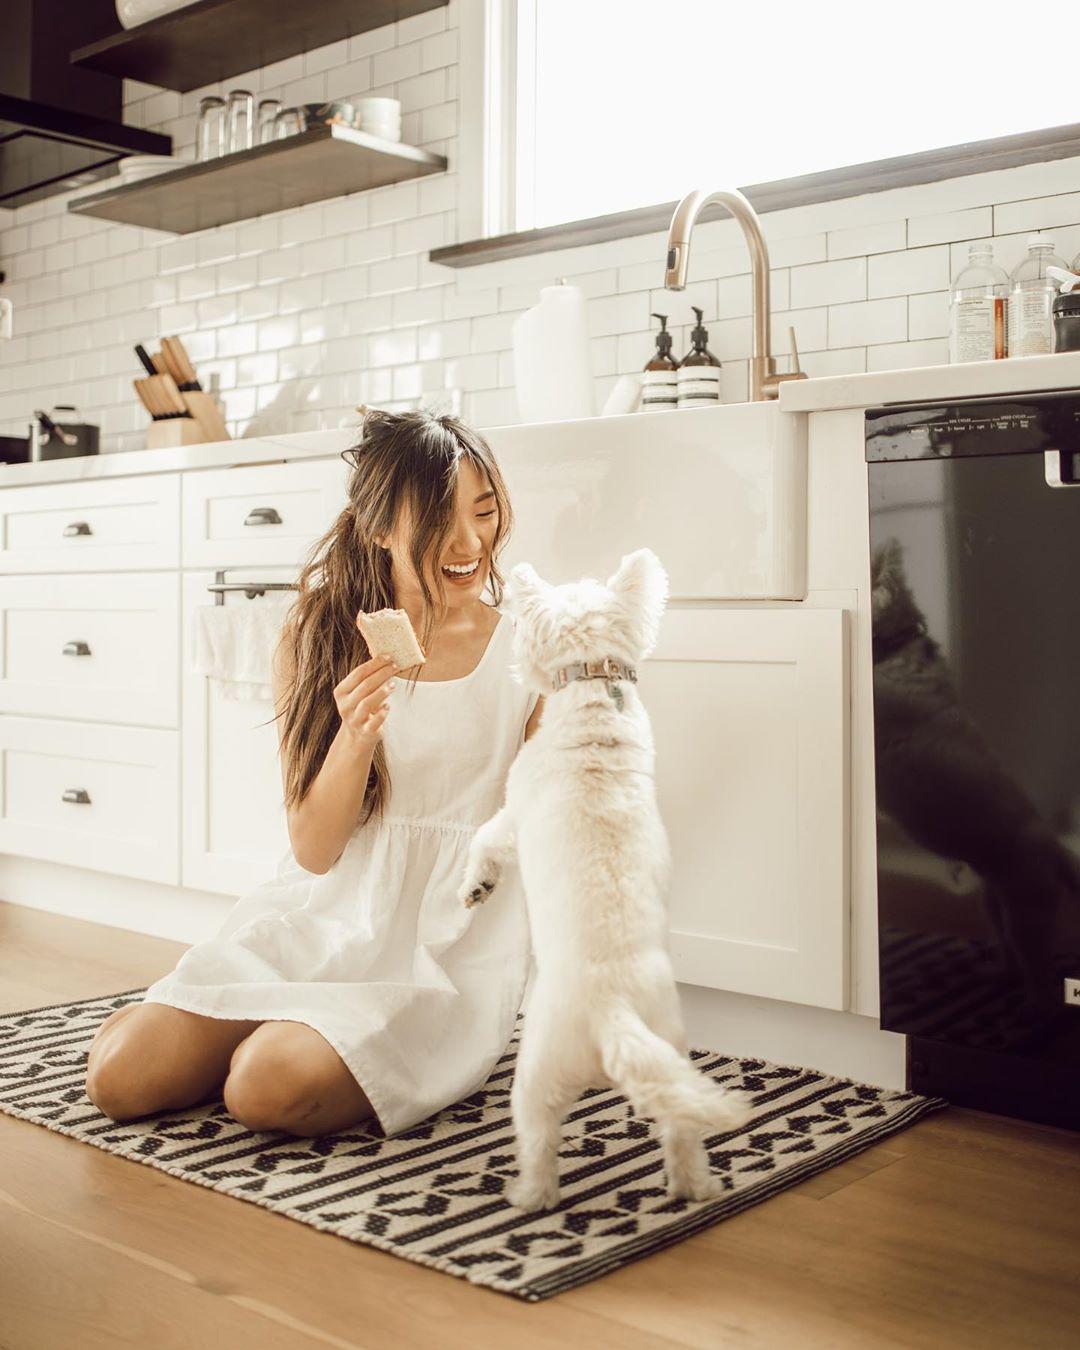 cô gái mặc váy trắng phong cách thời trang cottagecore